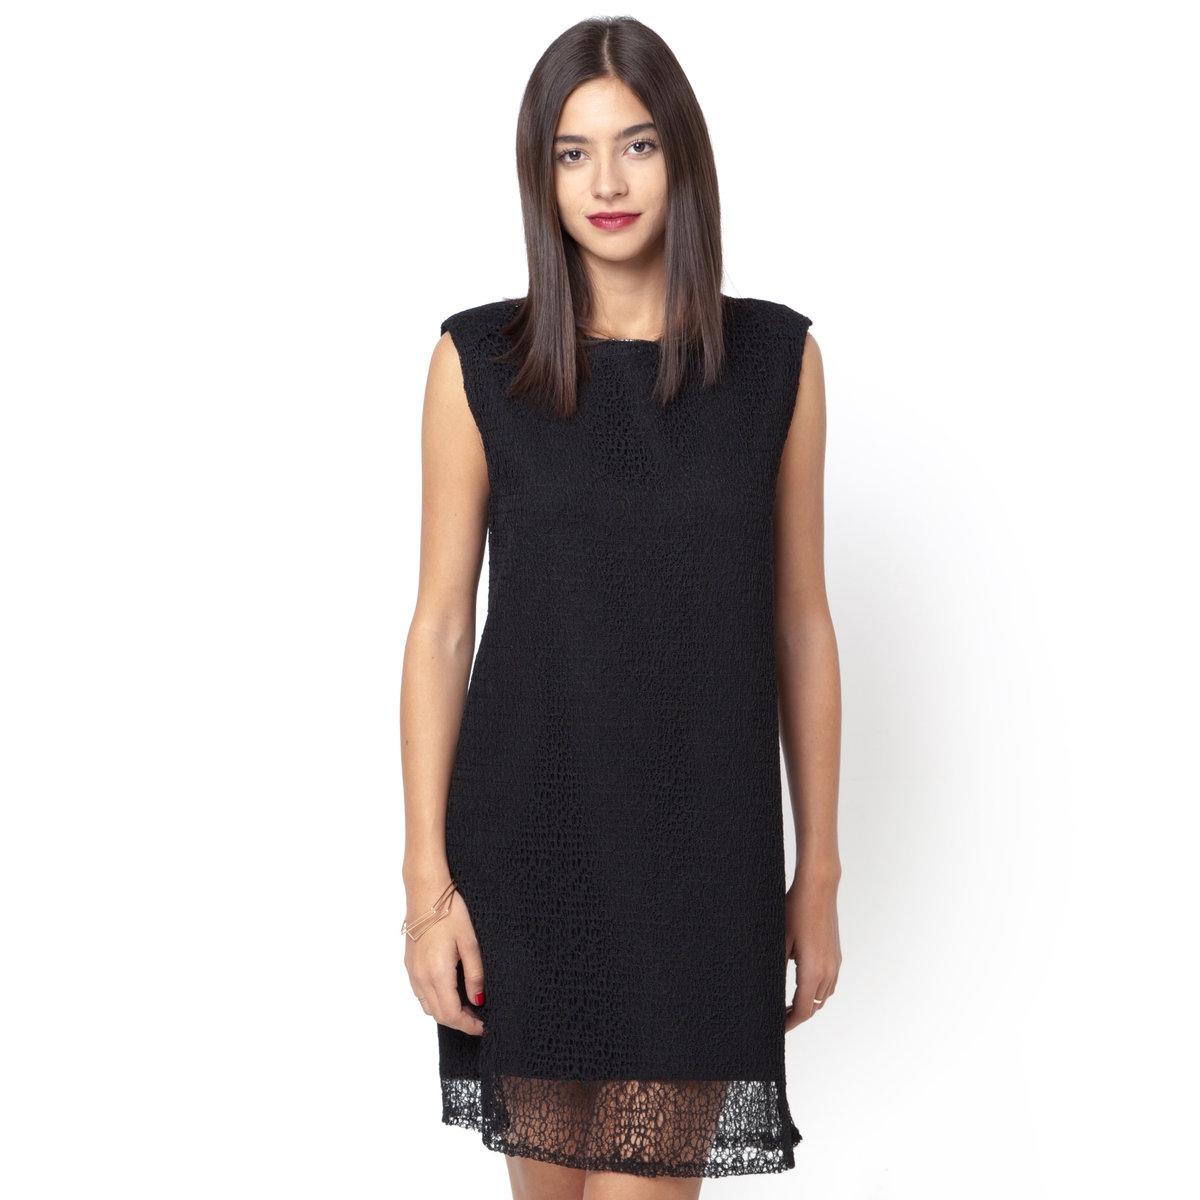 ПлатьеПлатье SUNCOO. 100% полиэстера. Без рукавов. Круглый вырез.<br><br>Цвет: черный<br>Размер: 1(S).2(M)